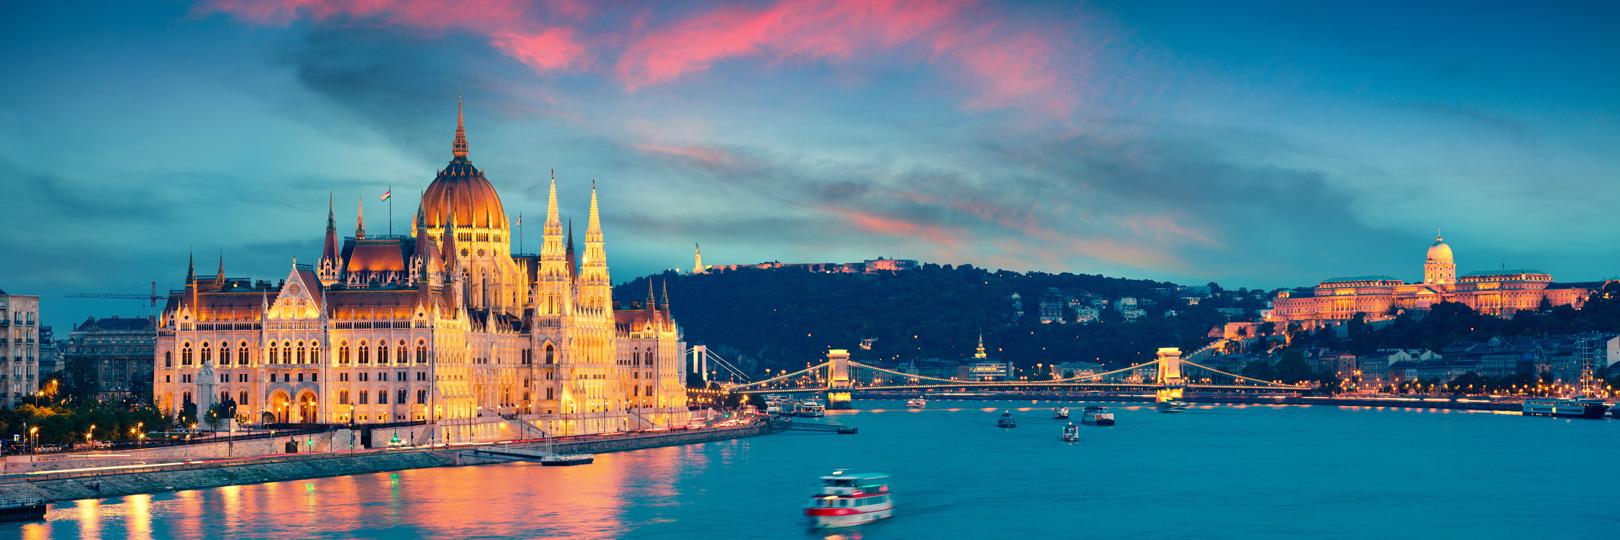 Πακέτο διακοπών στην Βουδαπέστη!